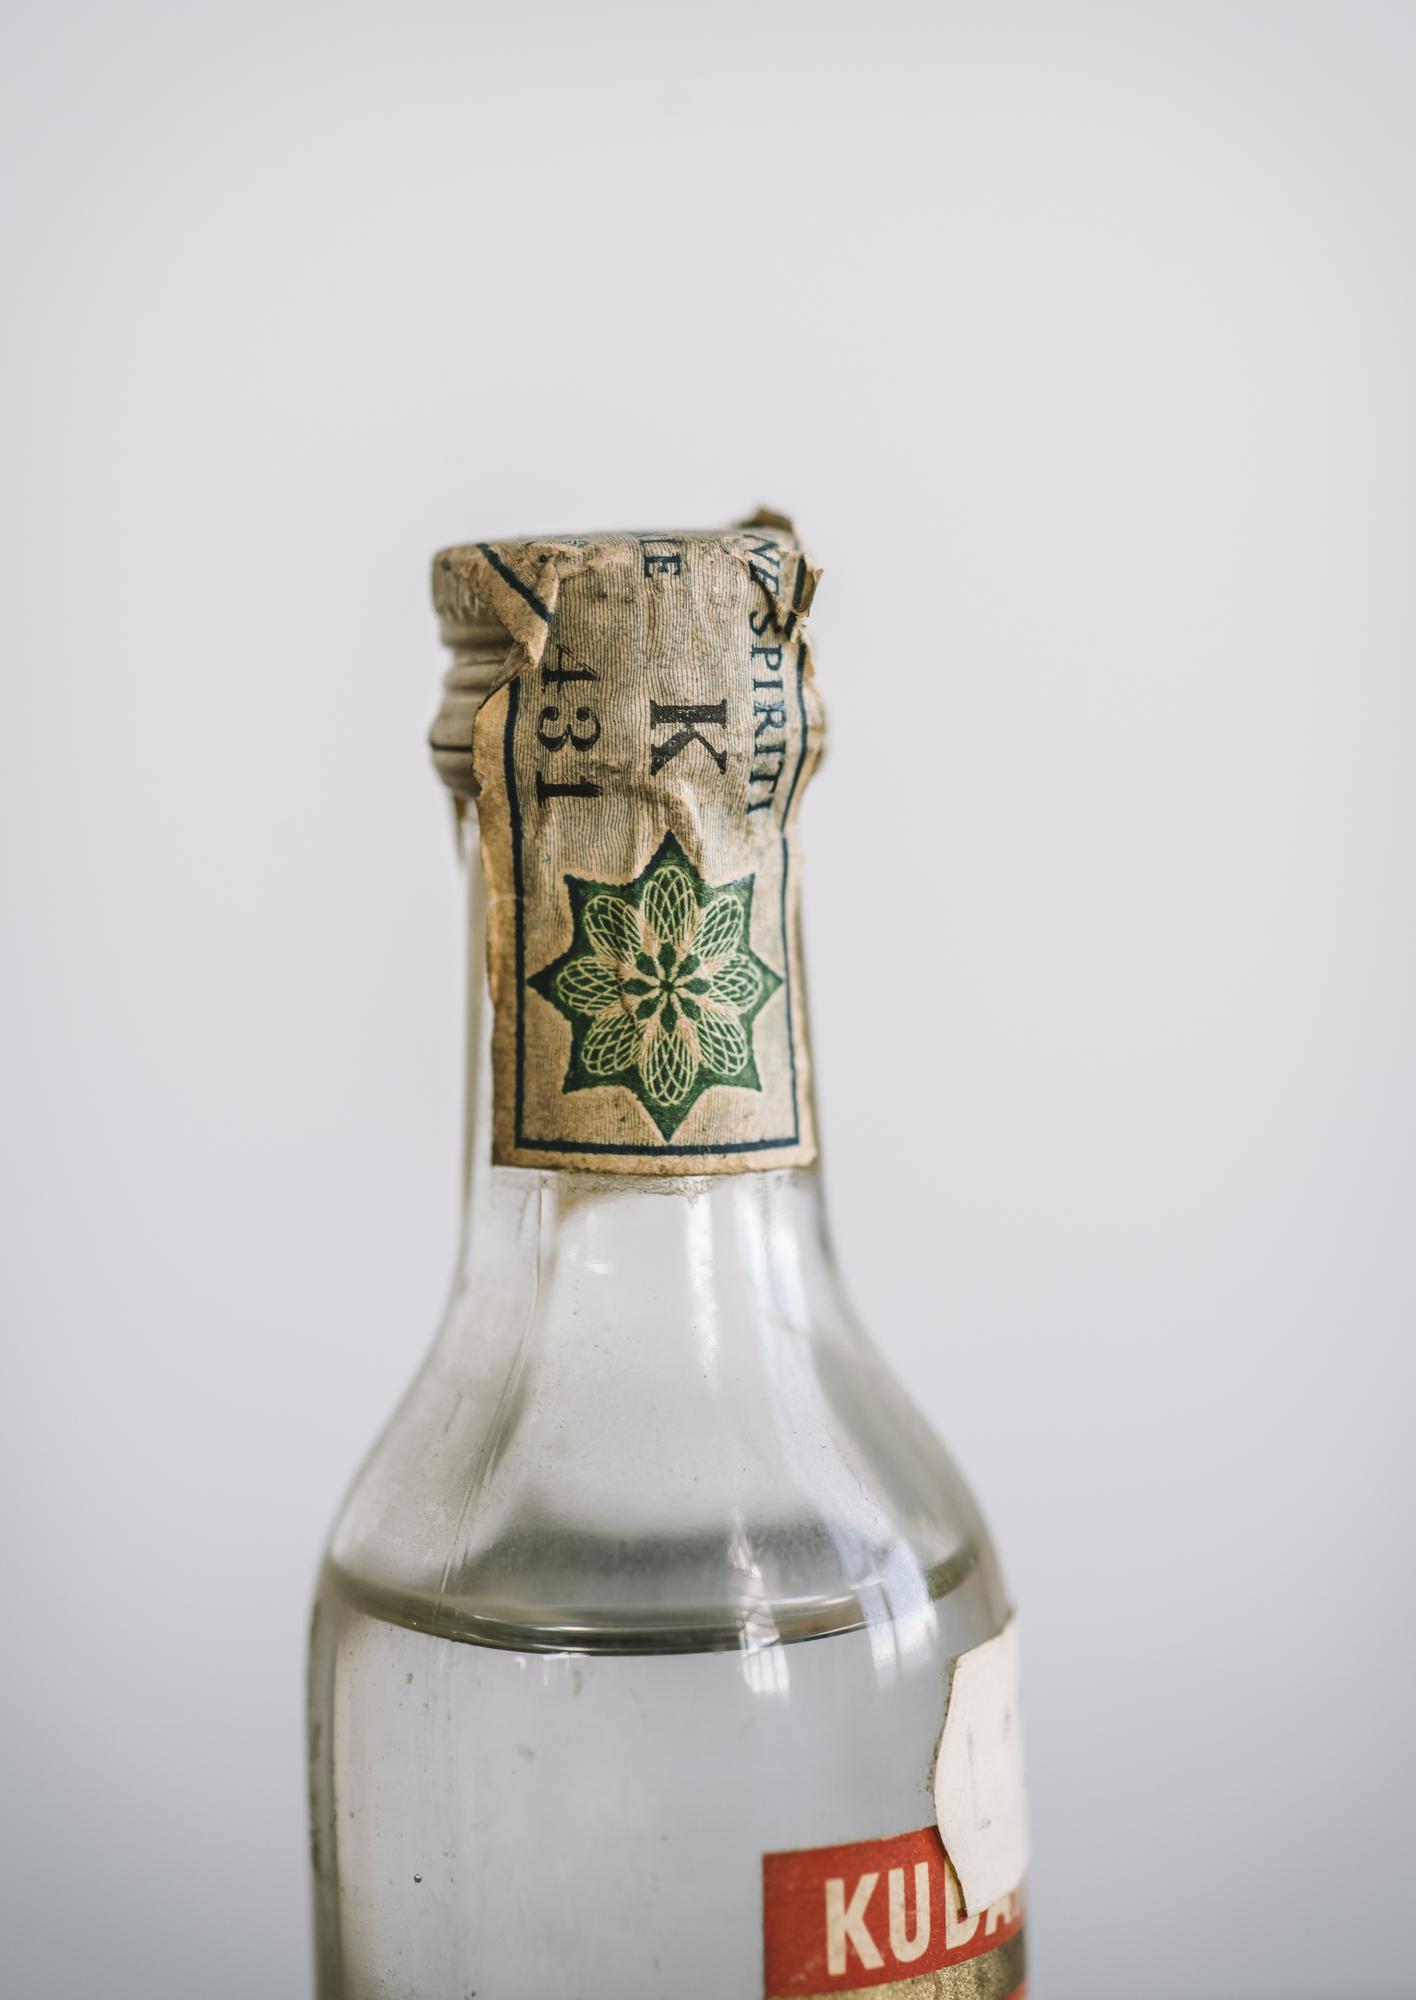 VintageAlcoholBottles060.JPG